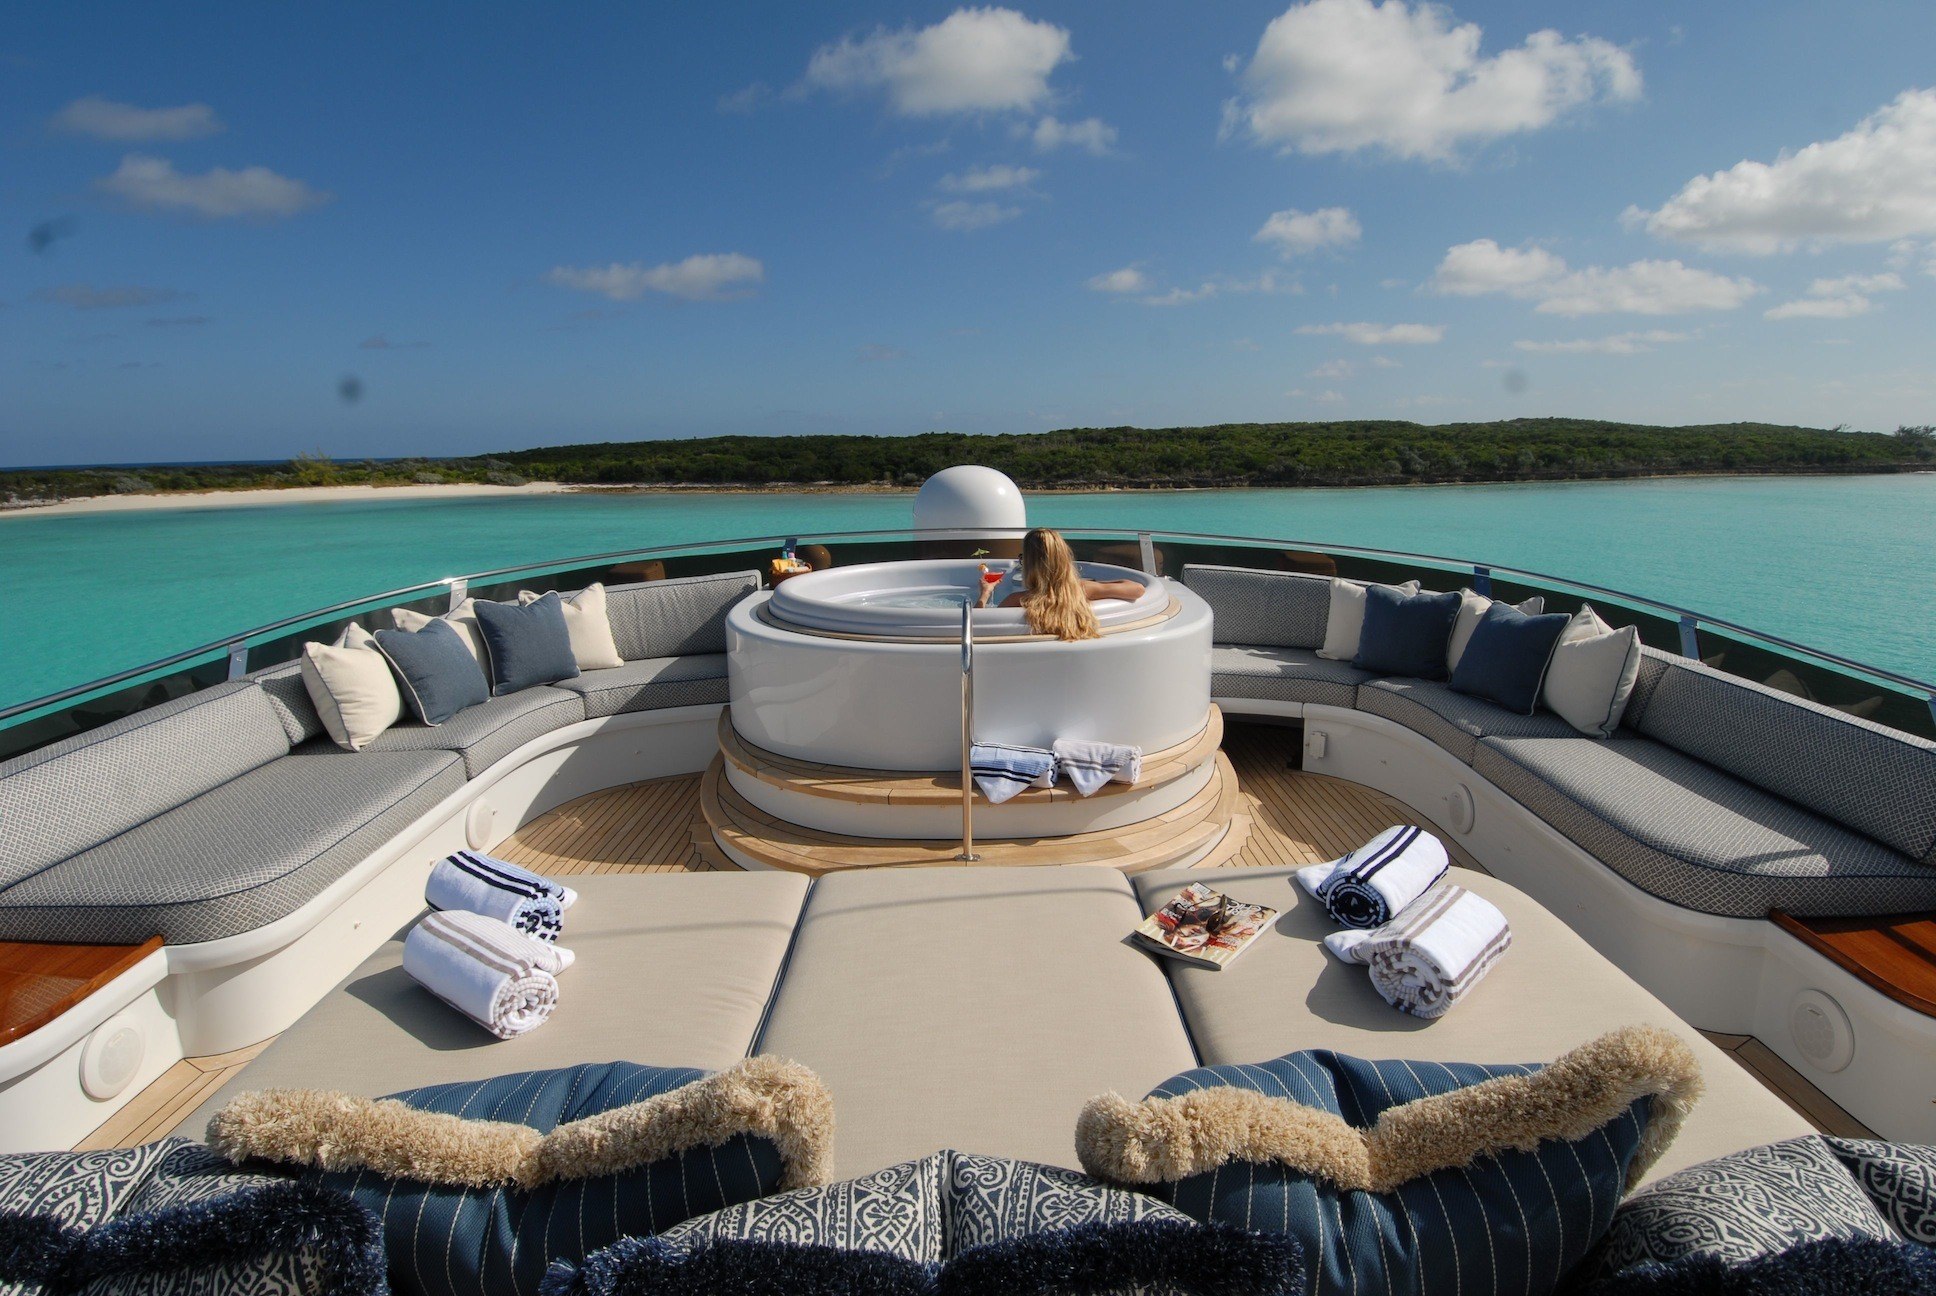 2018 Mediterranean Summer Charter: Best & Newest Yachts ...